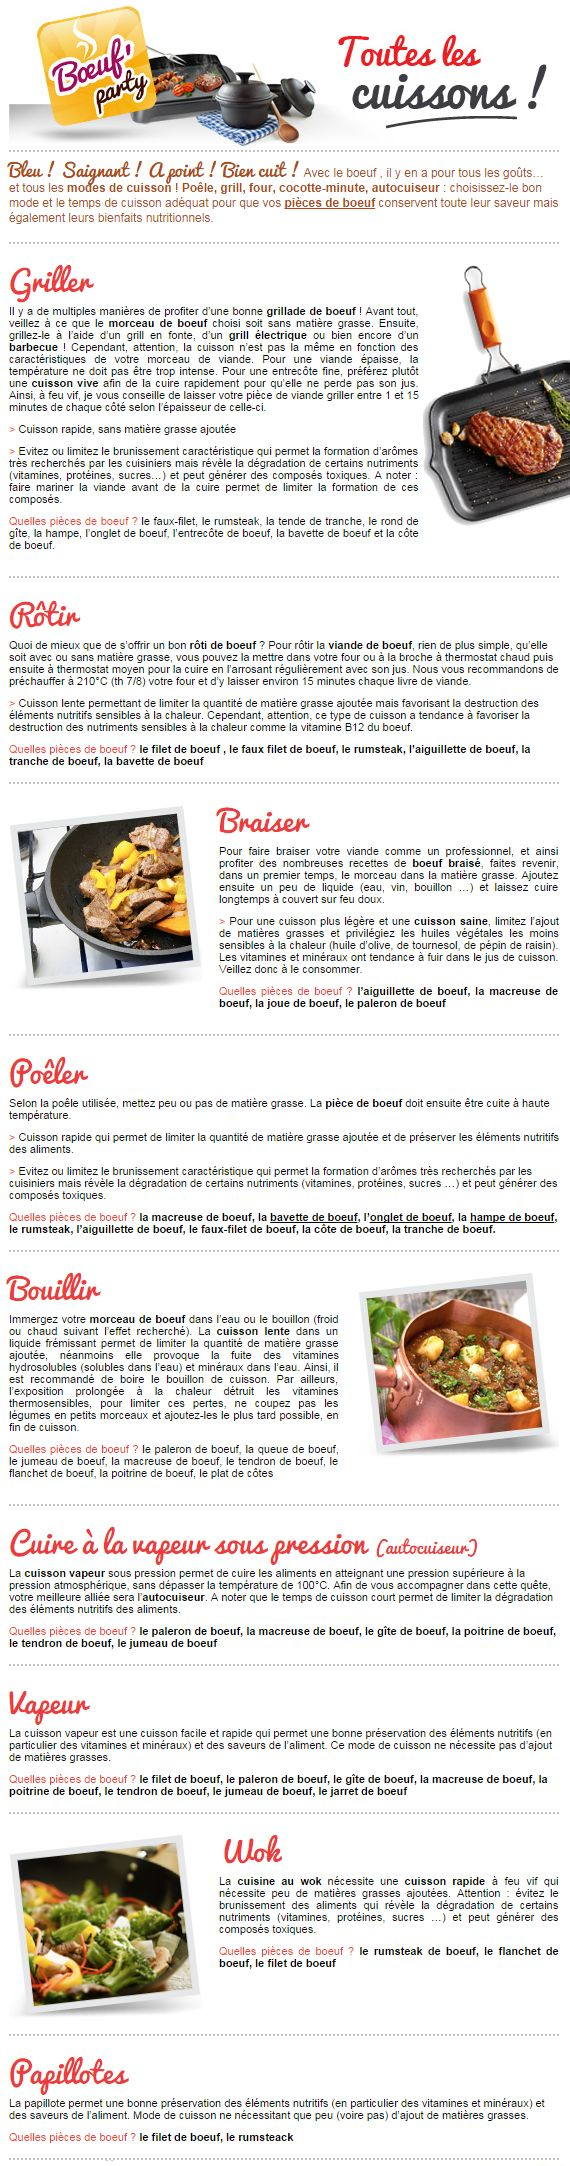 La cuisson du bœuf, morceaux de bœuf #Boeuf #Cuisine #astucecuisine #Viande